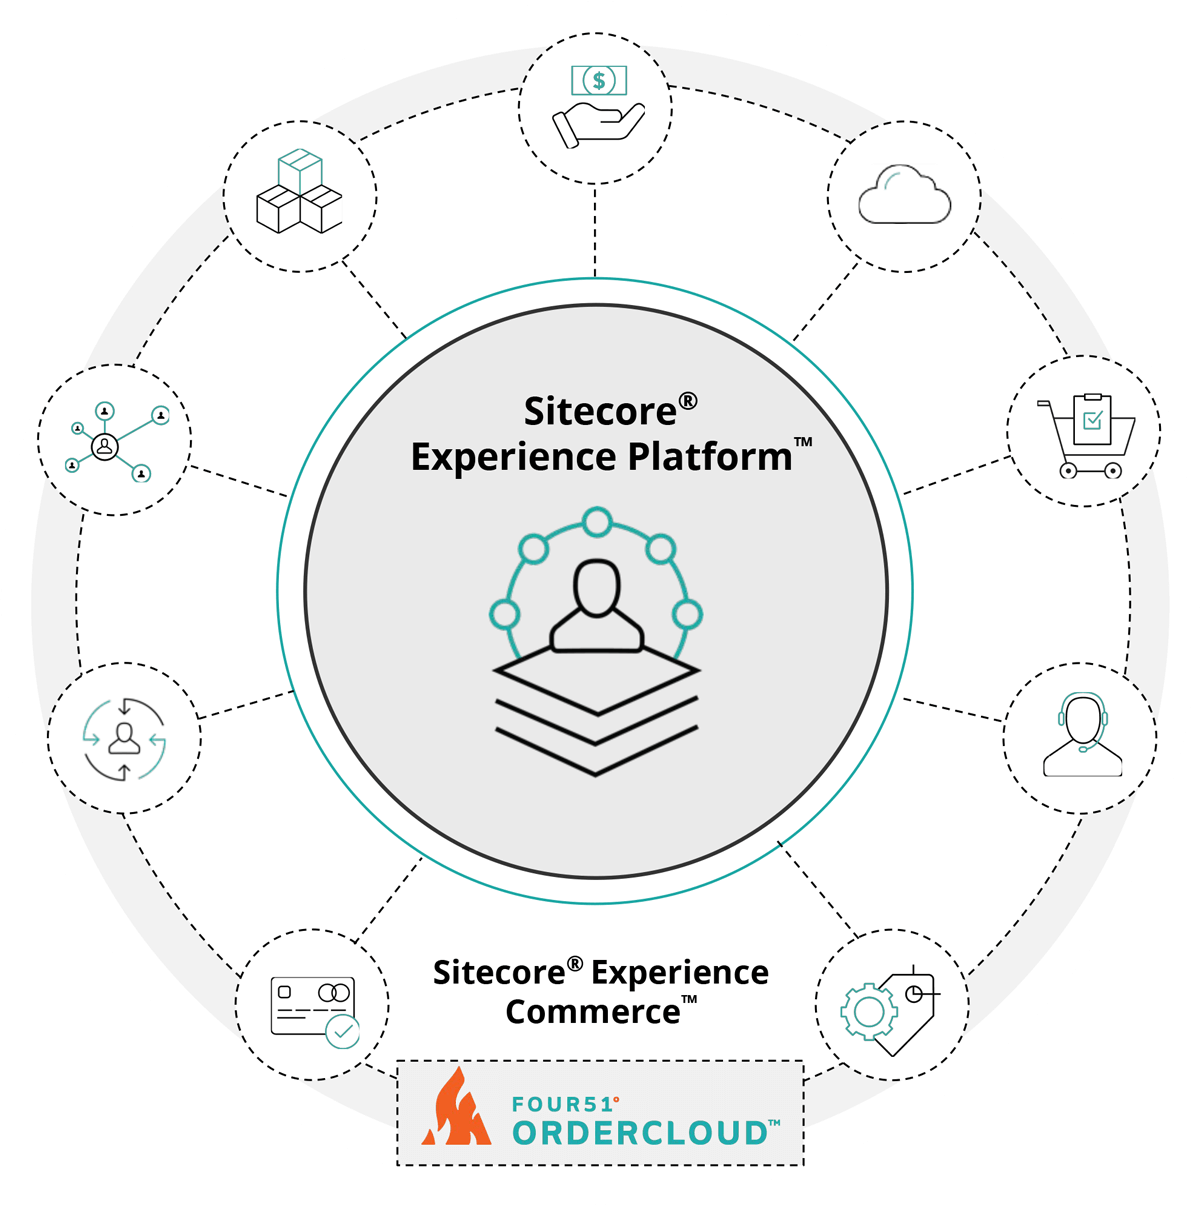 sitecore-ecommerce-graphic